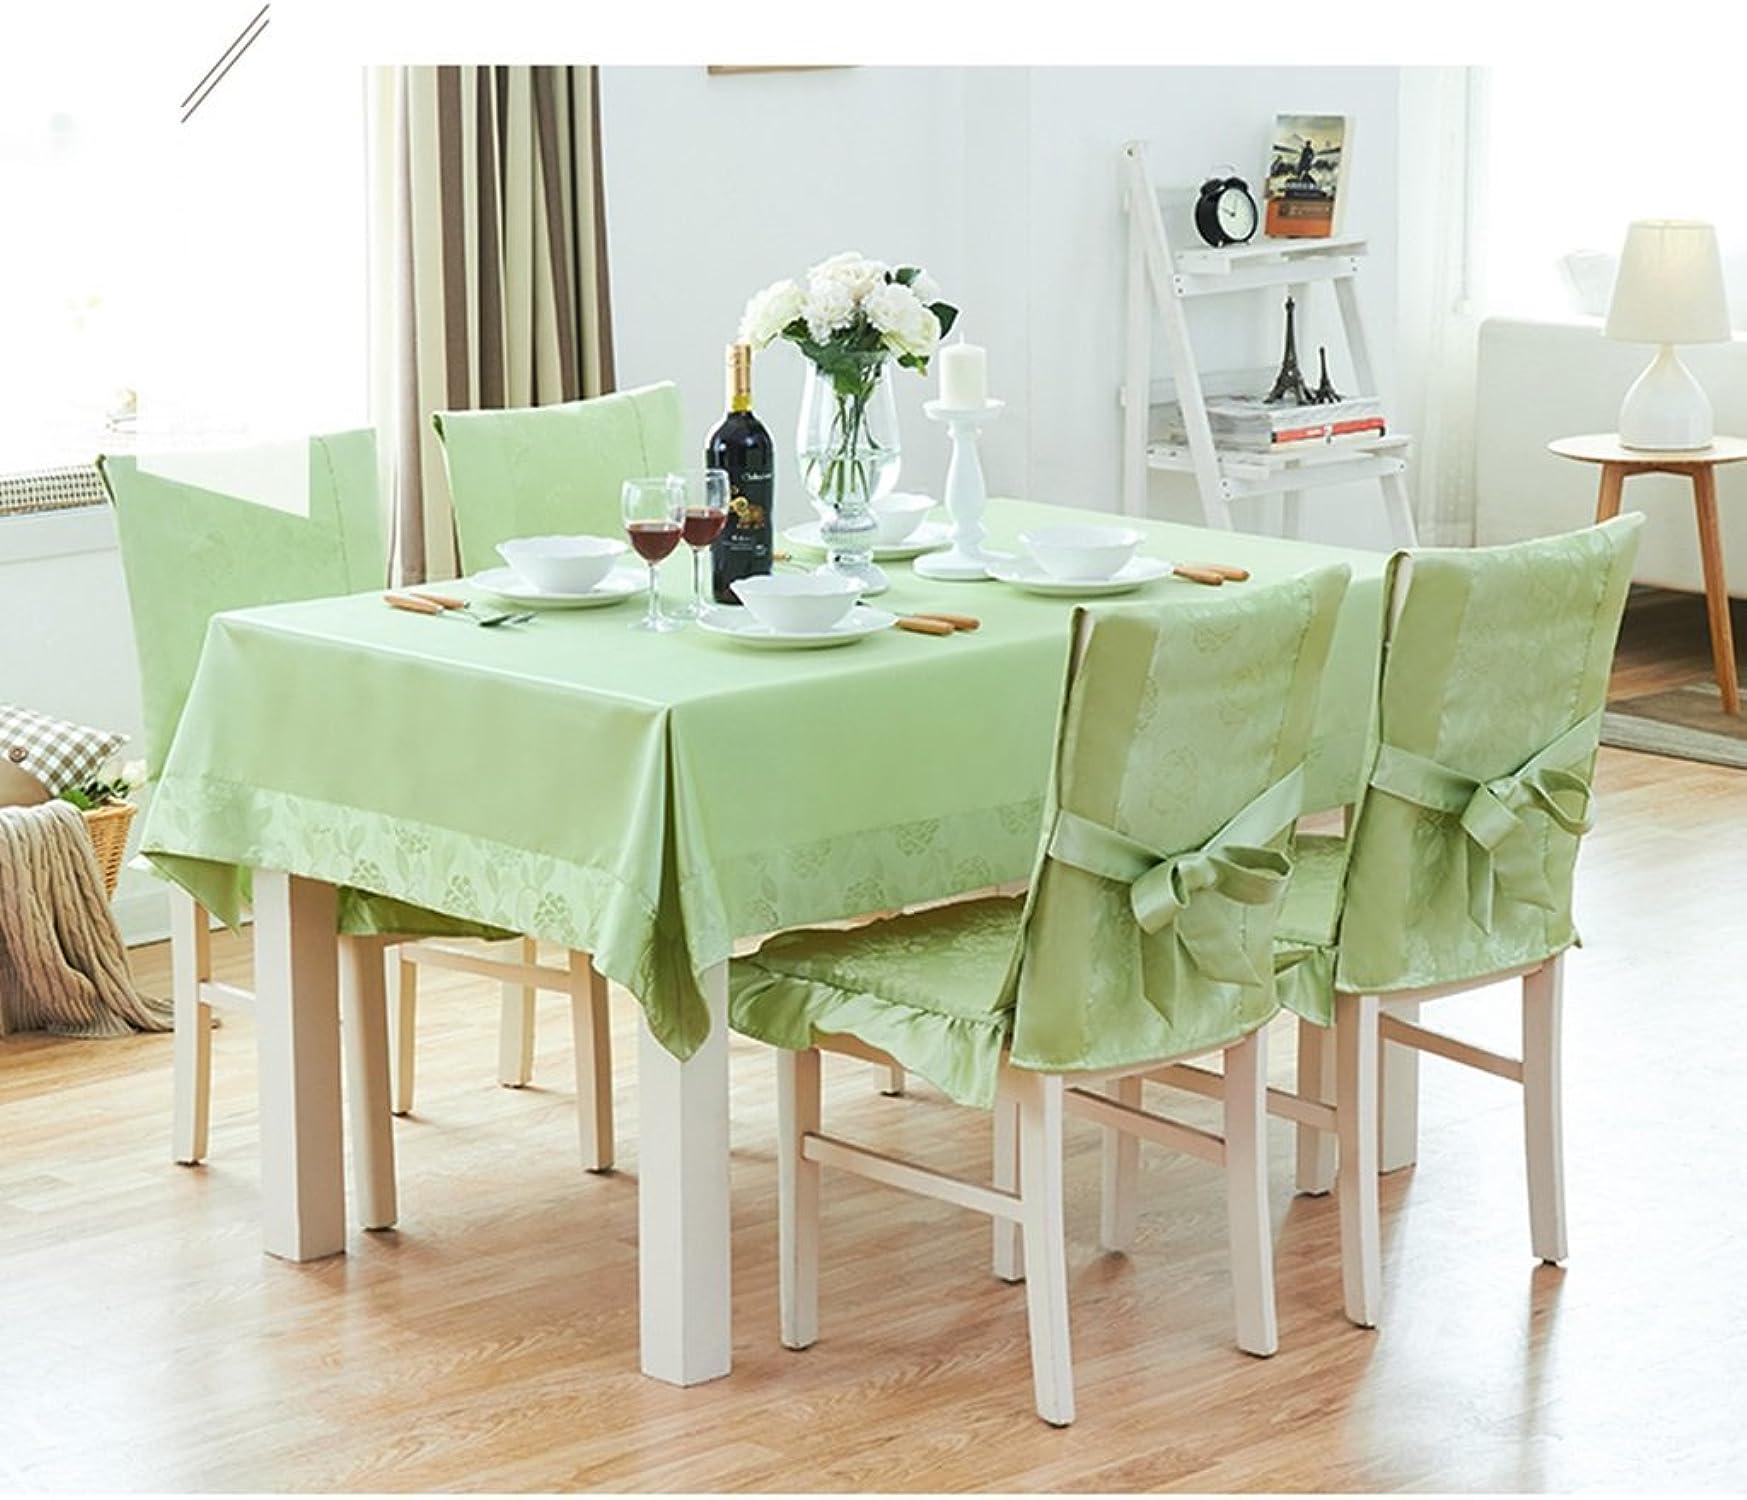 Nappe européenne Nappe Rectangulaire, Coton Salon de salon frais Tissu Table Tissu Table basse Petite table ronde Nappe ( Couleur     3 , taille   130180CM )